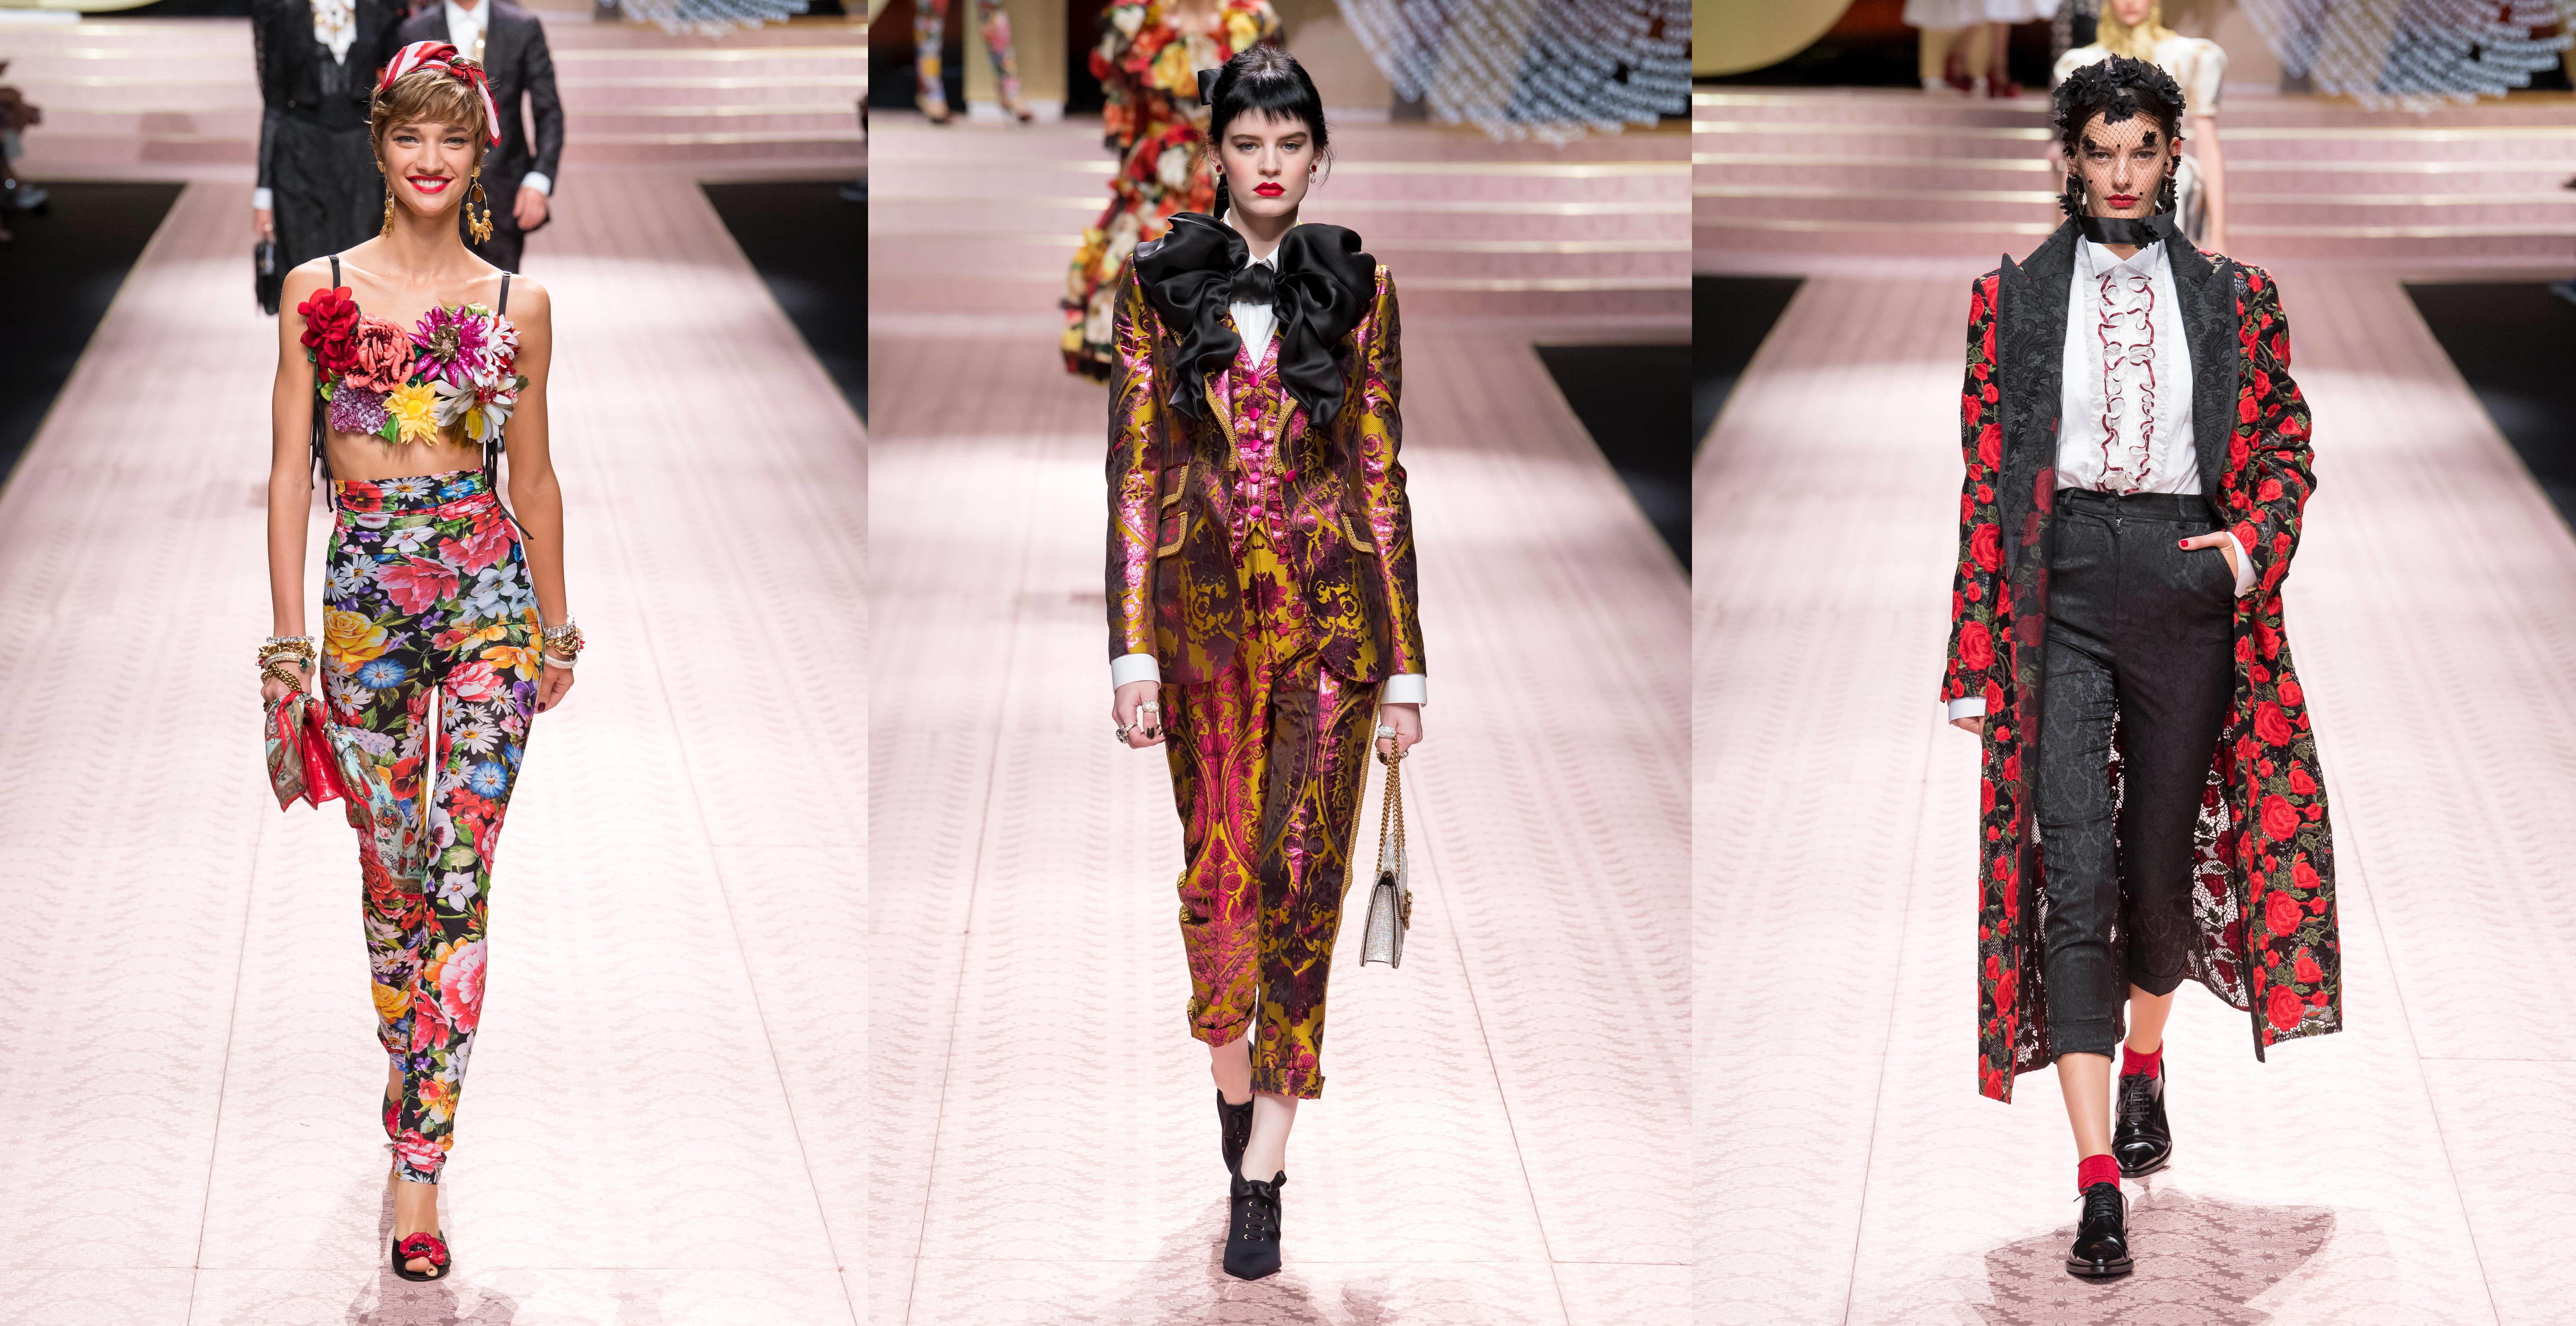 Prekrásnymi nohavicovými ženskými kostýmami s okázalým vzhľadom sa to v novej  kolekcii značky Dolce and Gabbana pre sezónu jar leto 2019 na móle hemžilo. 84a75c93c5b